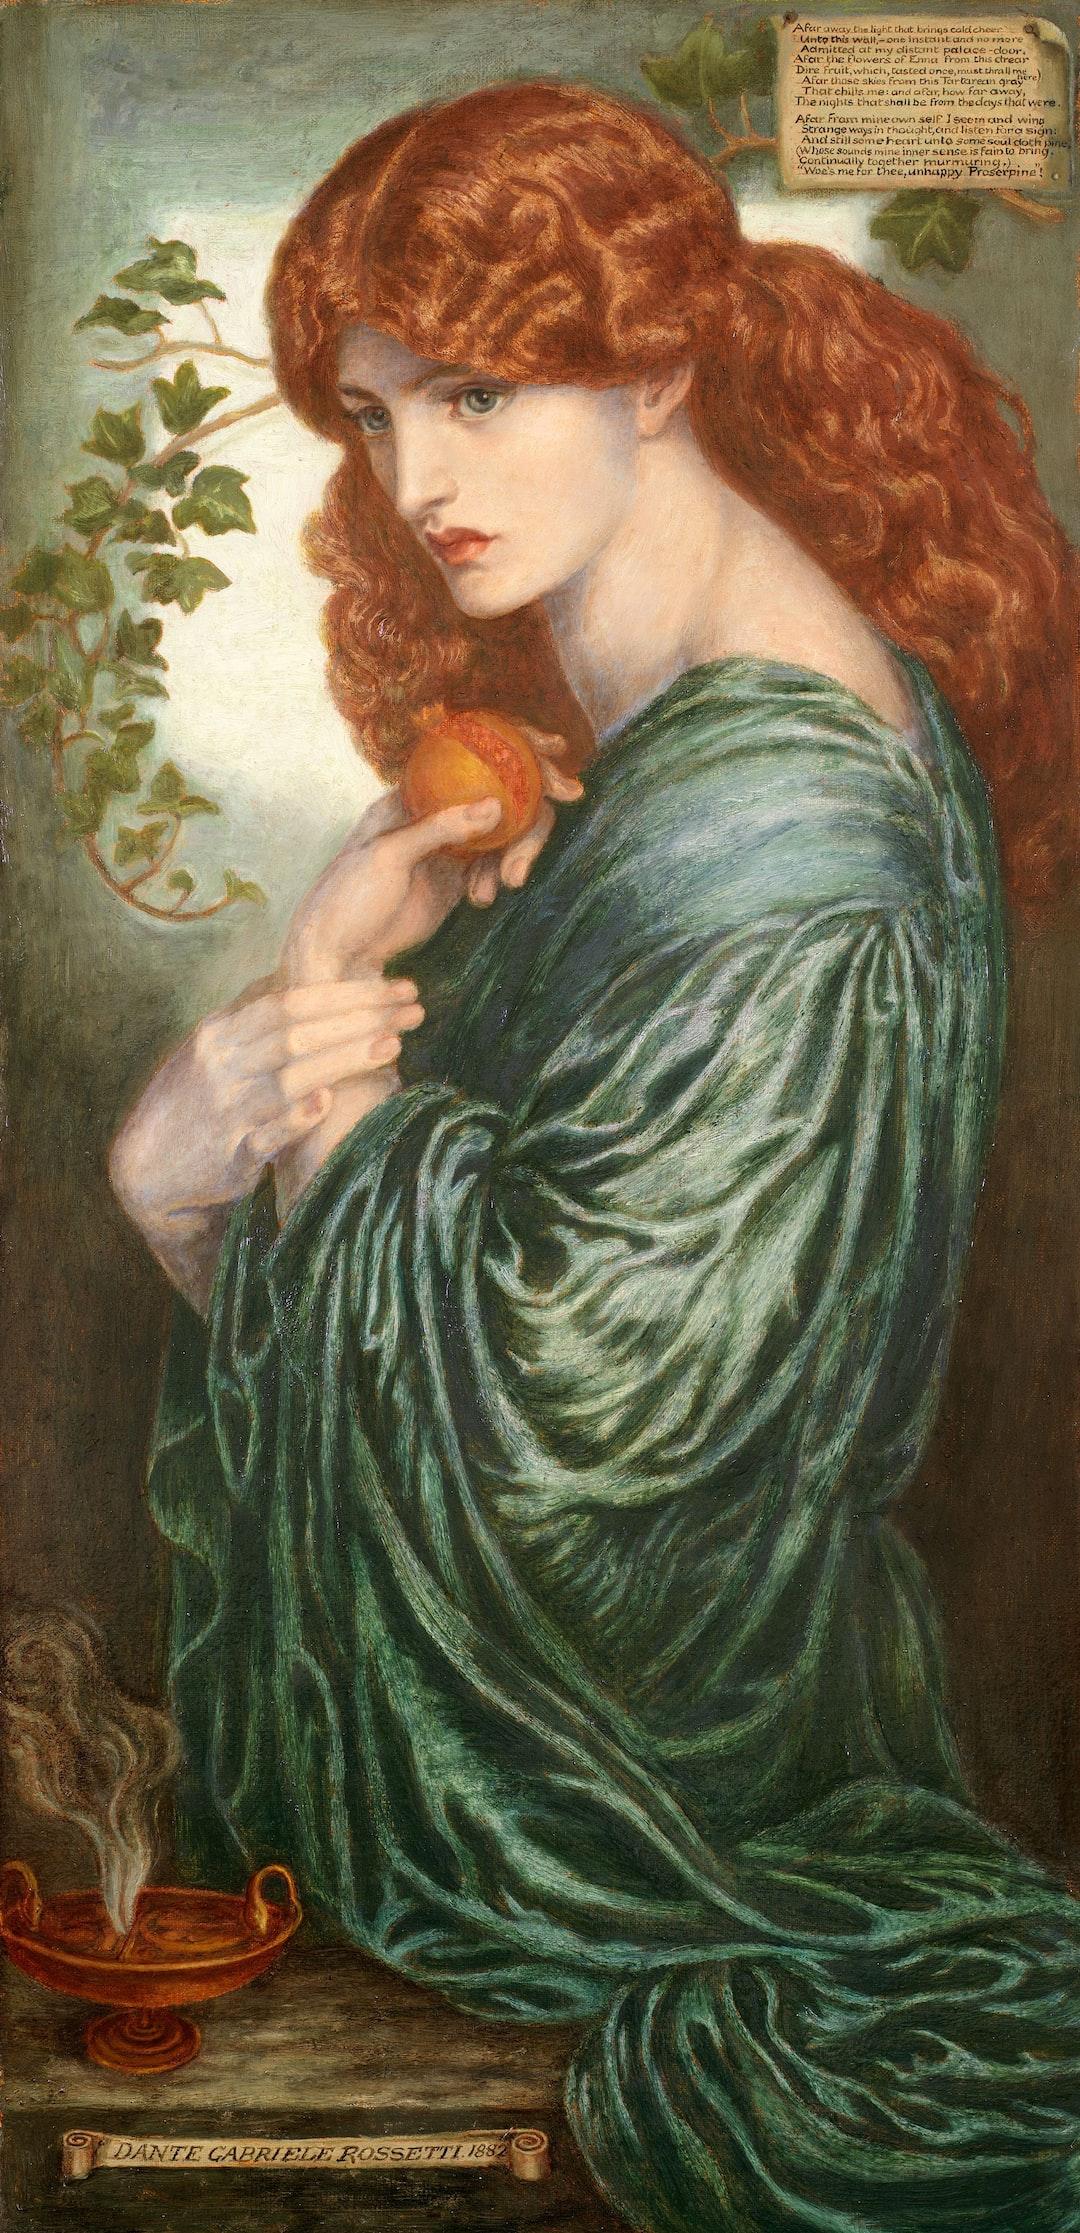 Proserpine, 1882. Artist: Dante Gabriel Rossetti